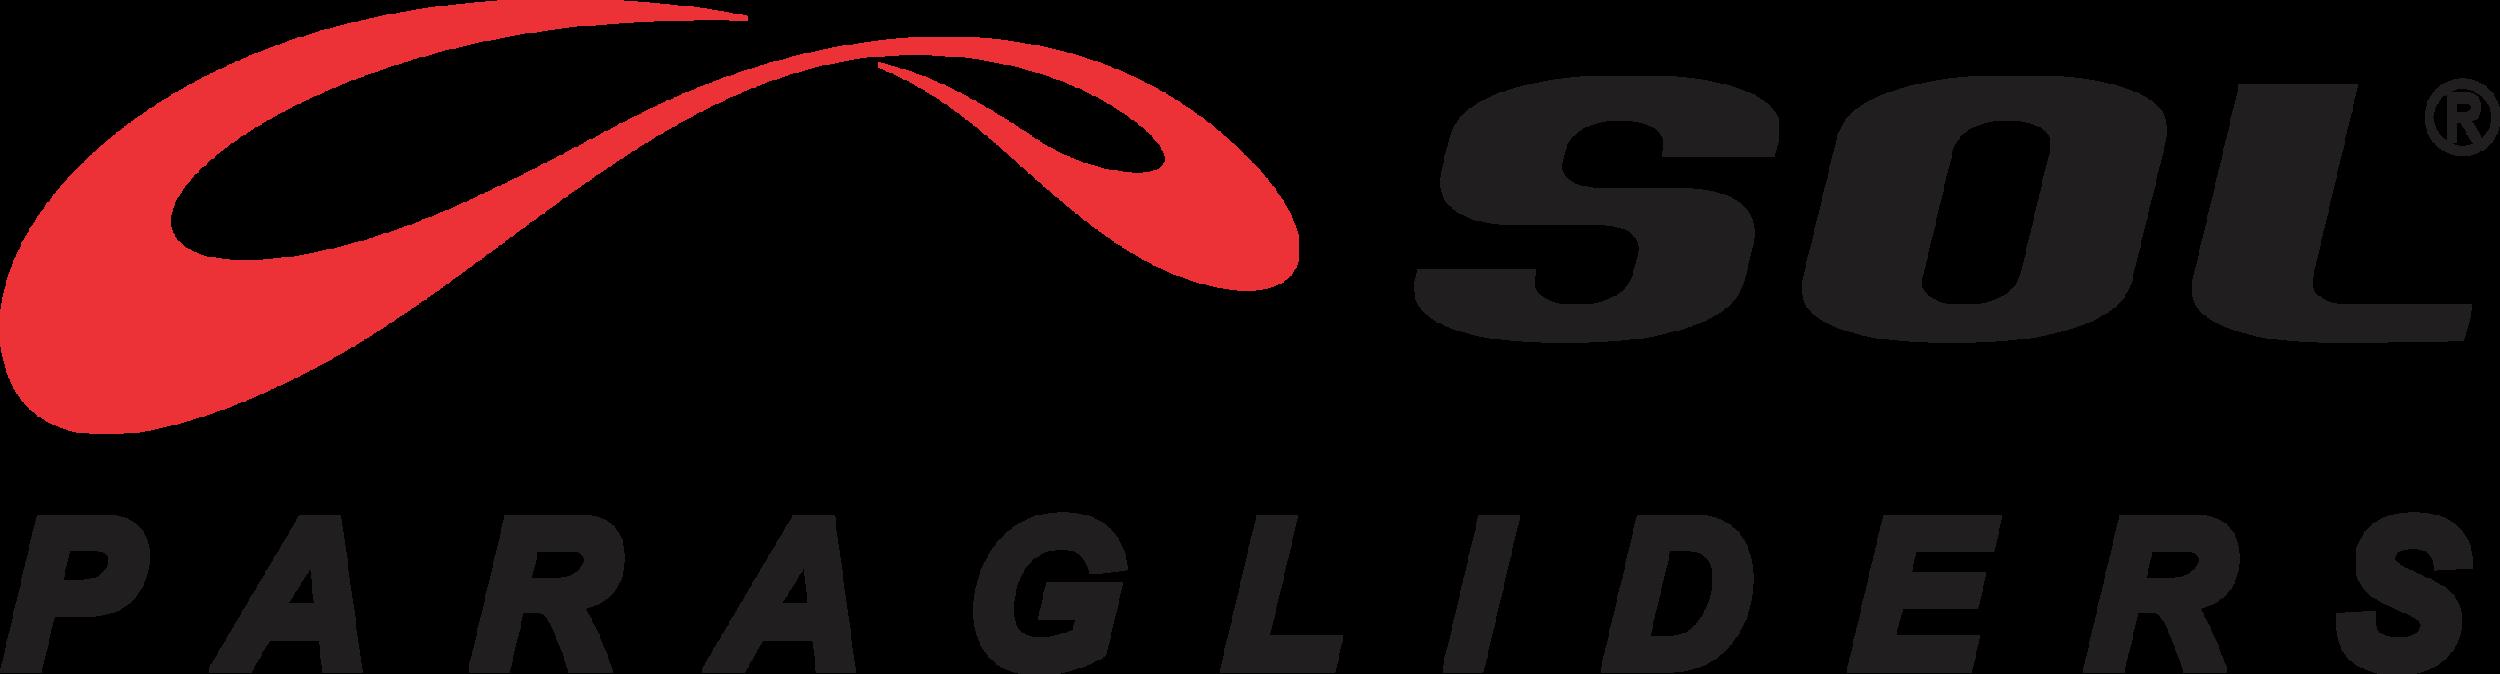 Sol logo_horizontal.png